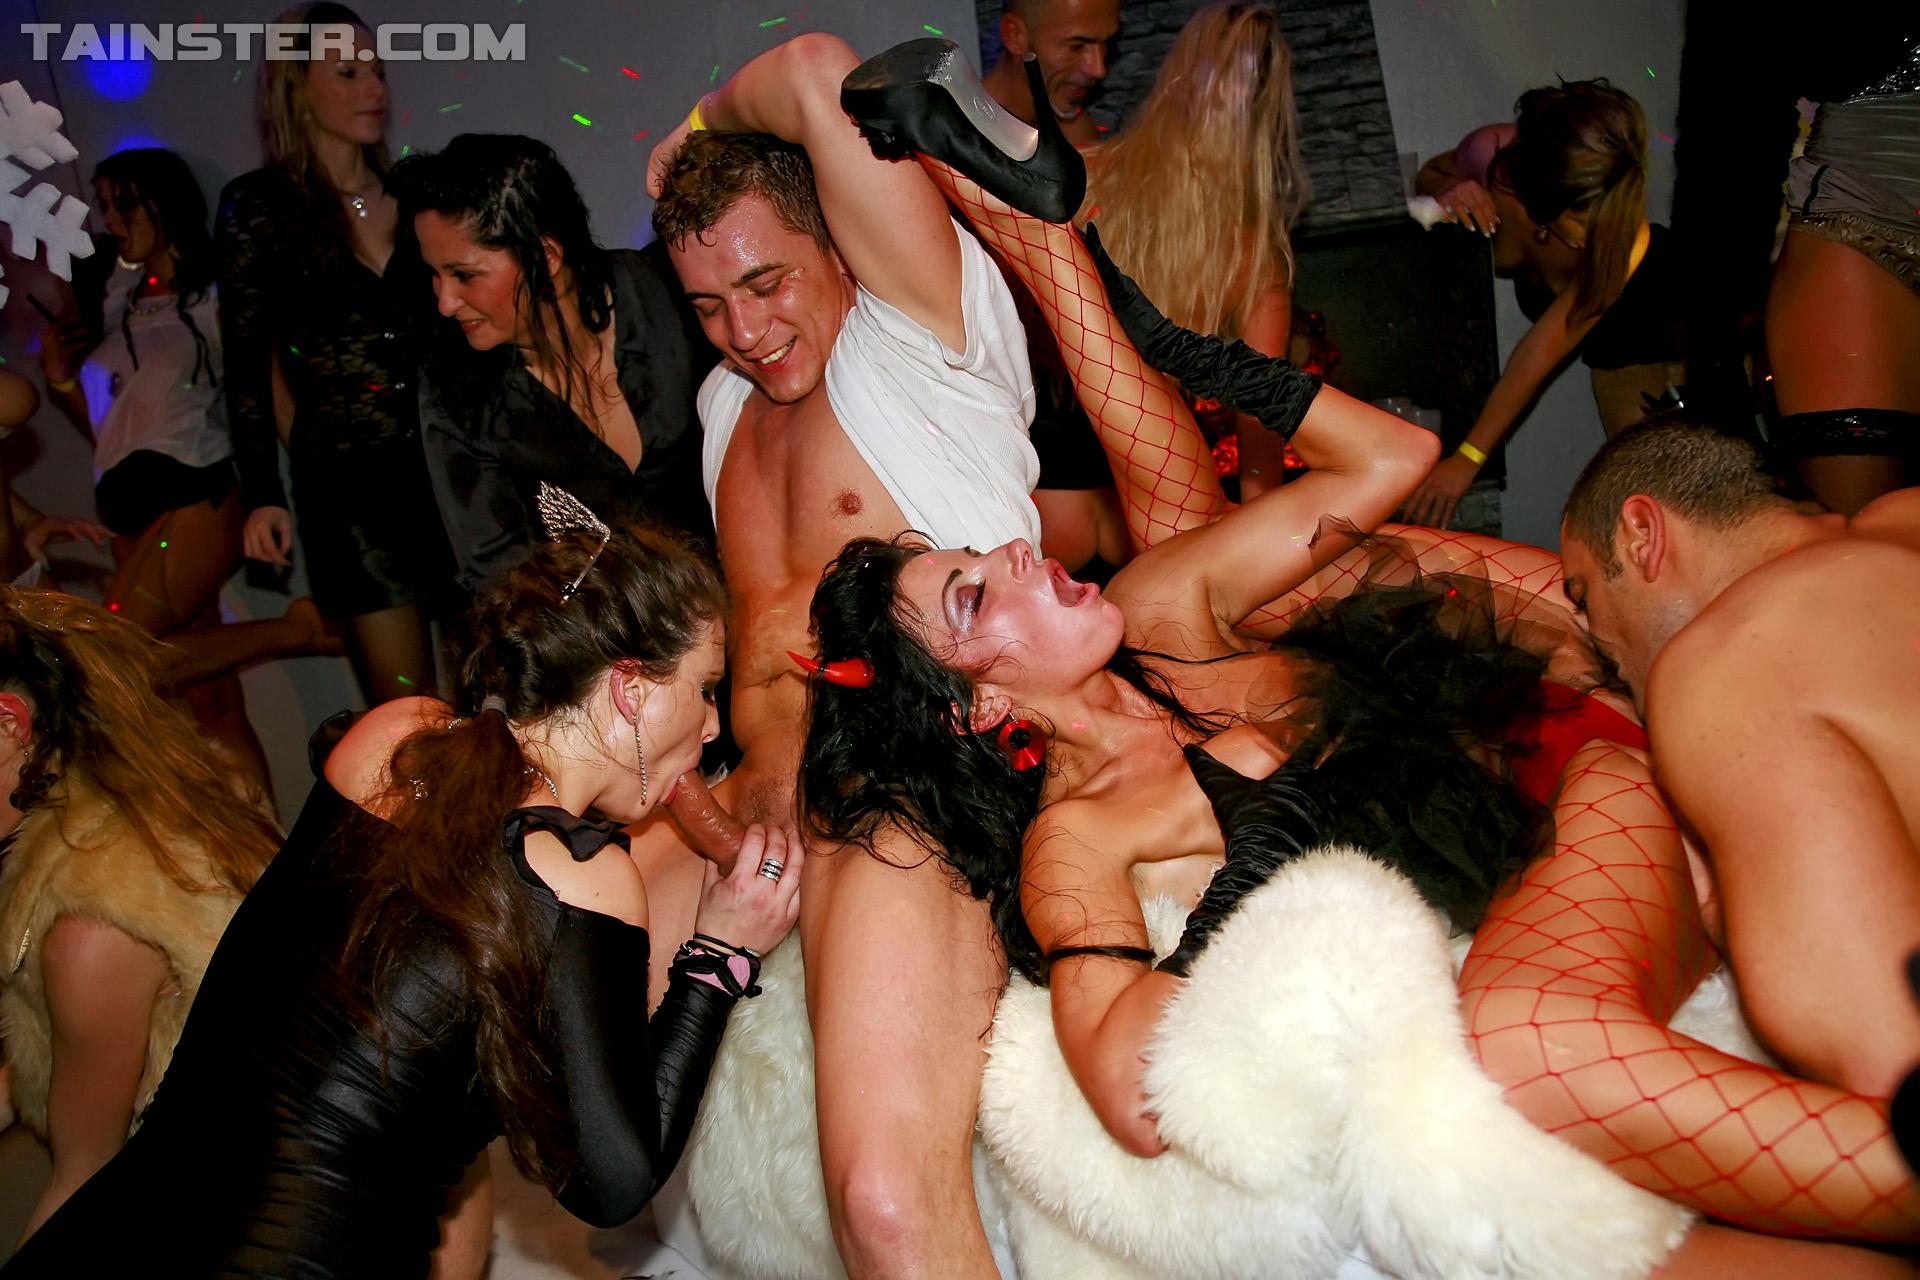 недоумок Интересный фильм секс и сто ночей Хотелось еще выслушать мнение